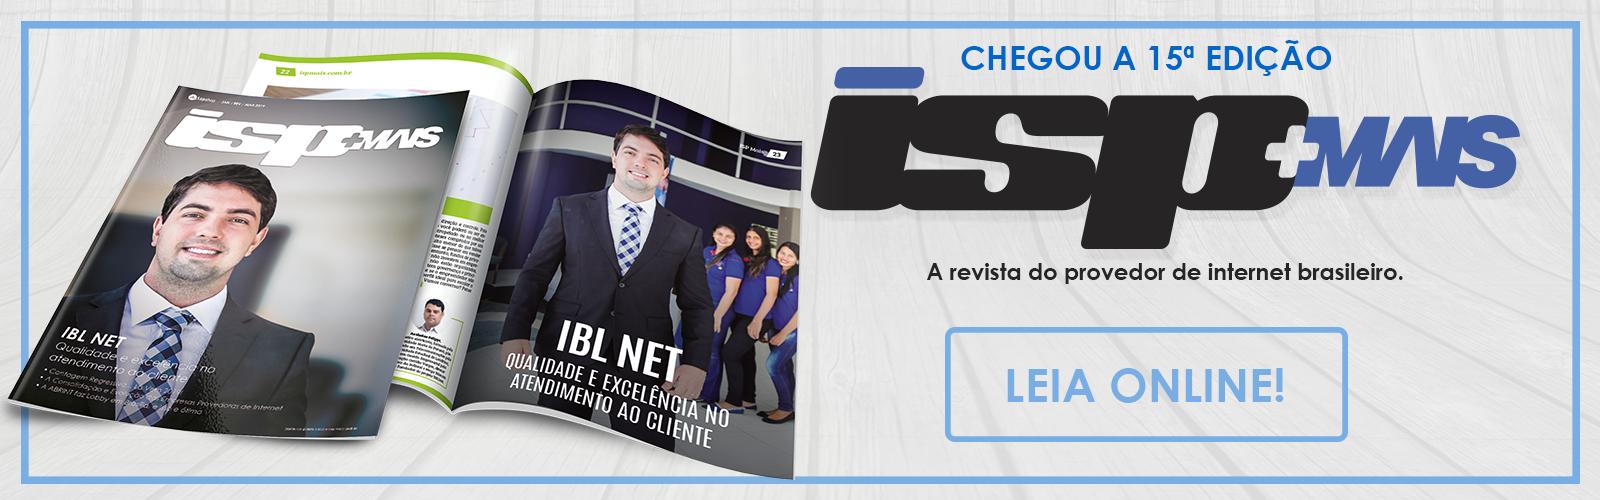 Chegou a 15ª Edição da Revista iSP Mais!!